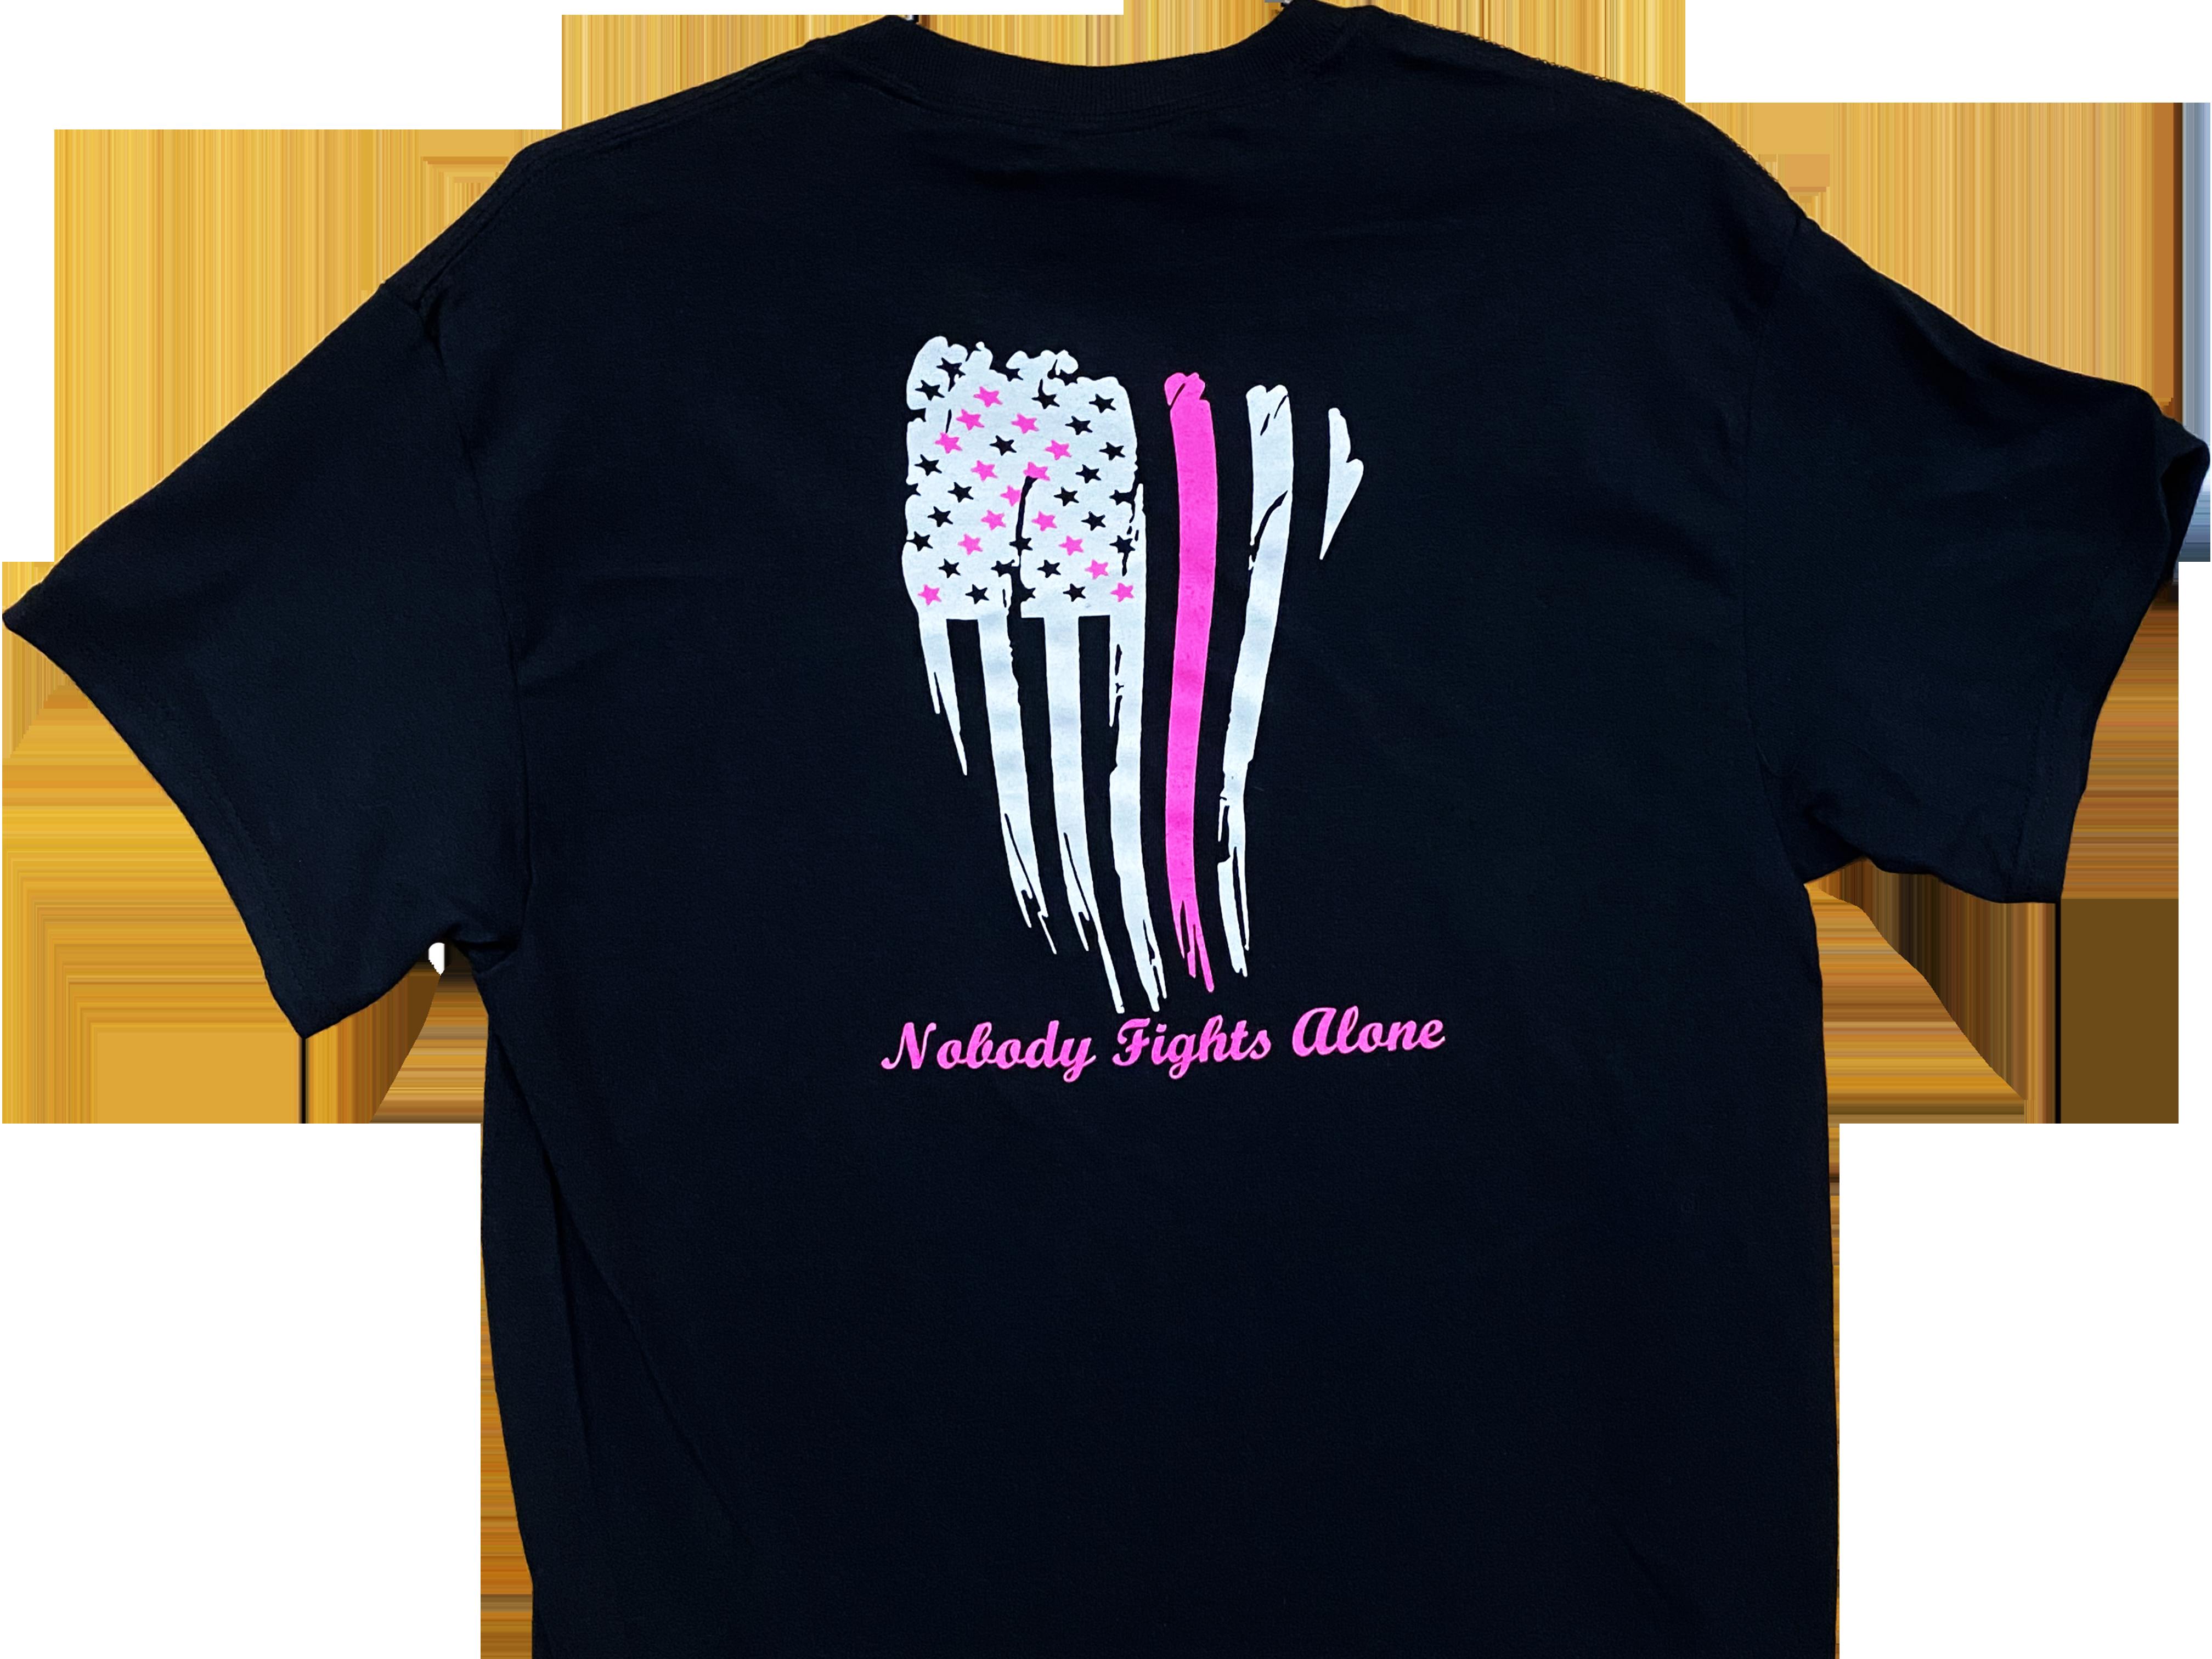 https://0901.nccdn.net/4_2/000/000/064/d40/nobody-fights-alone-silk-screen-shirt.png